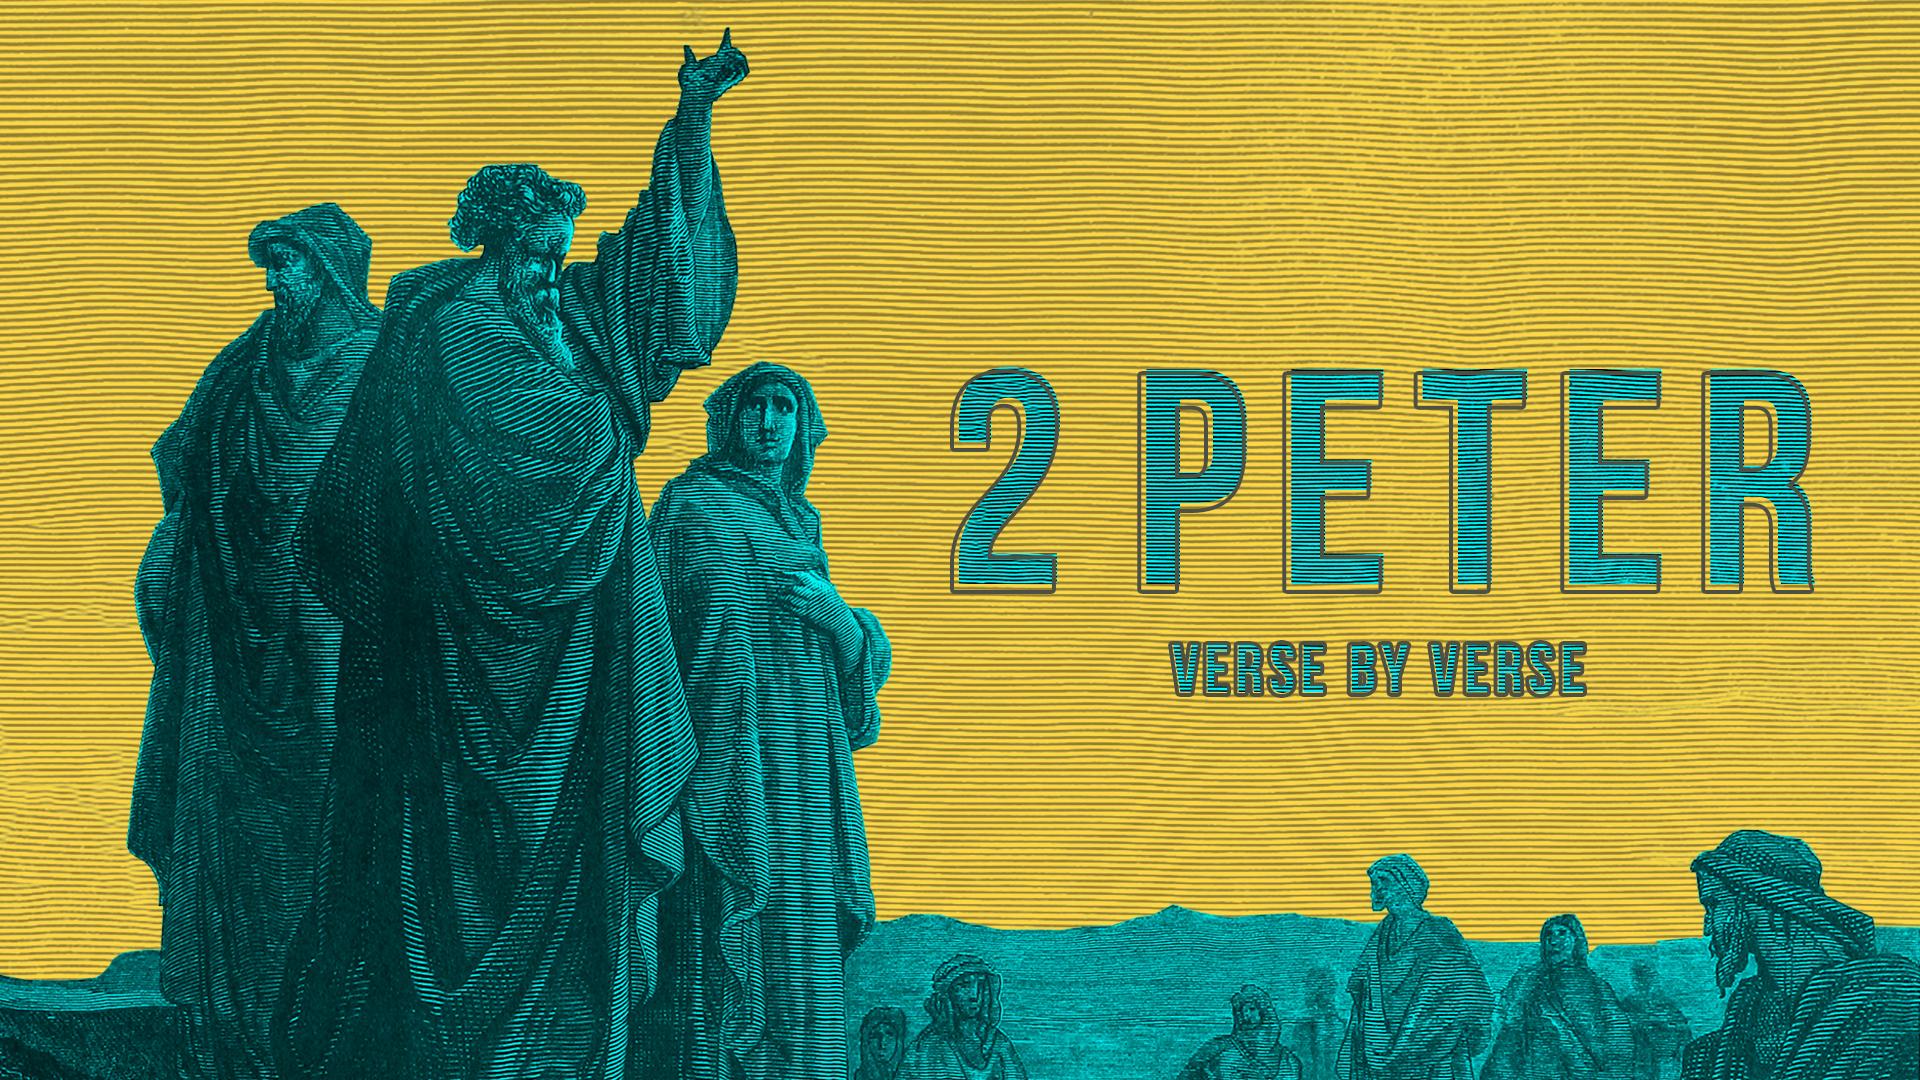 2 Peter - 1920x1080 1.jpg